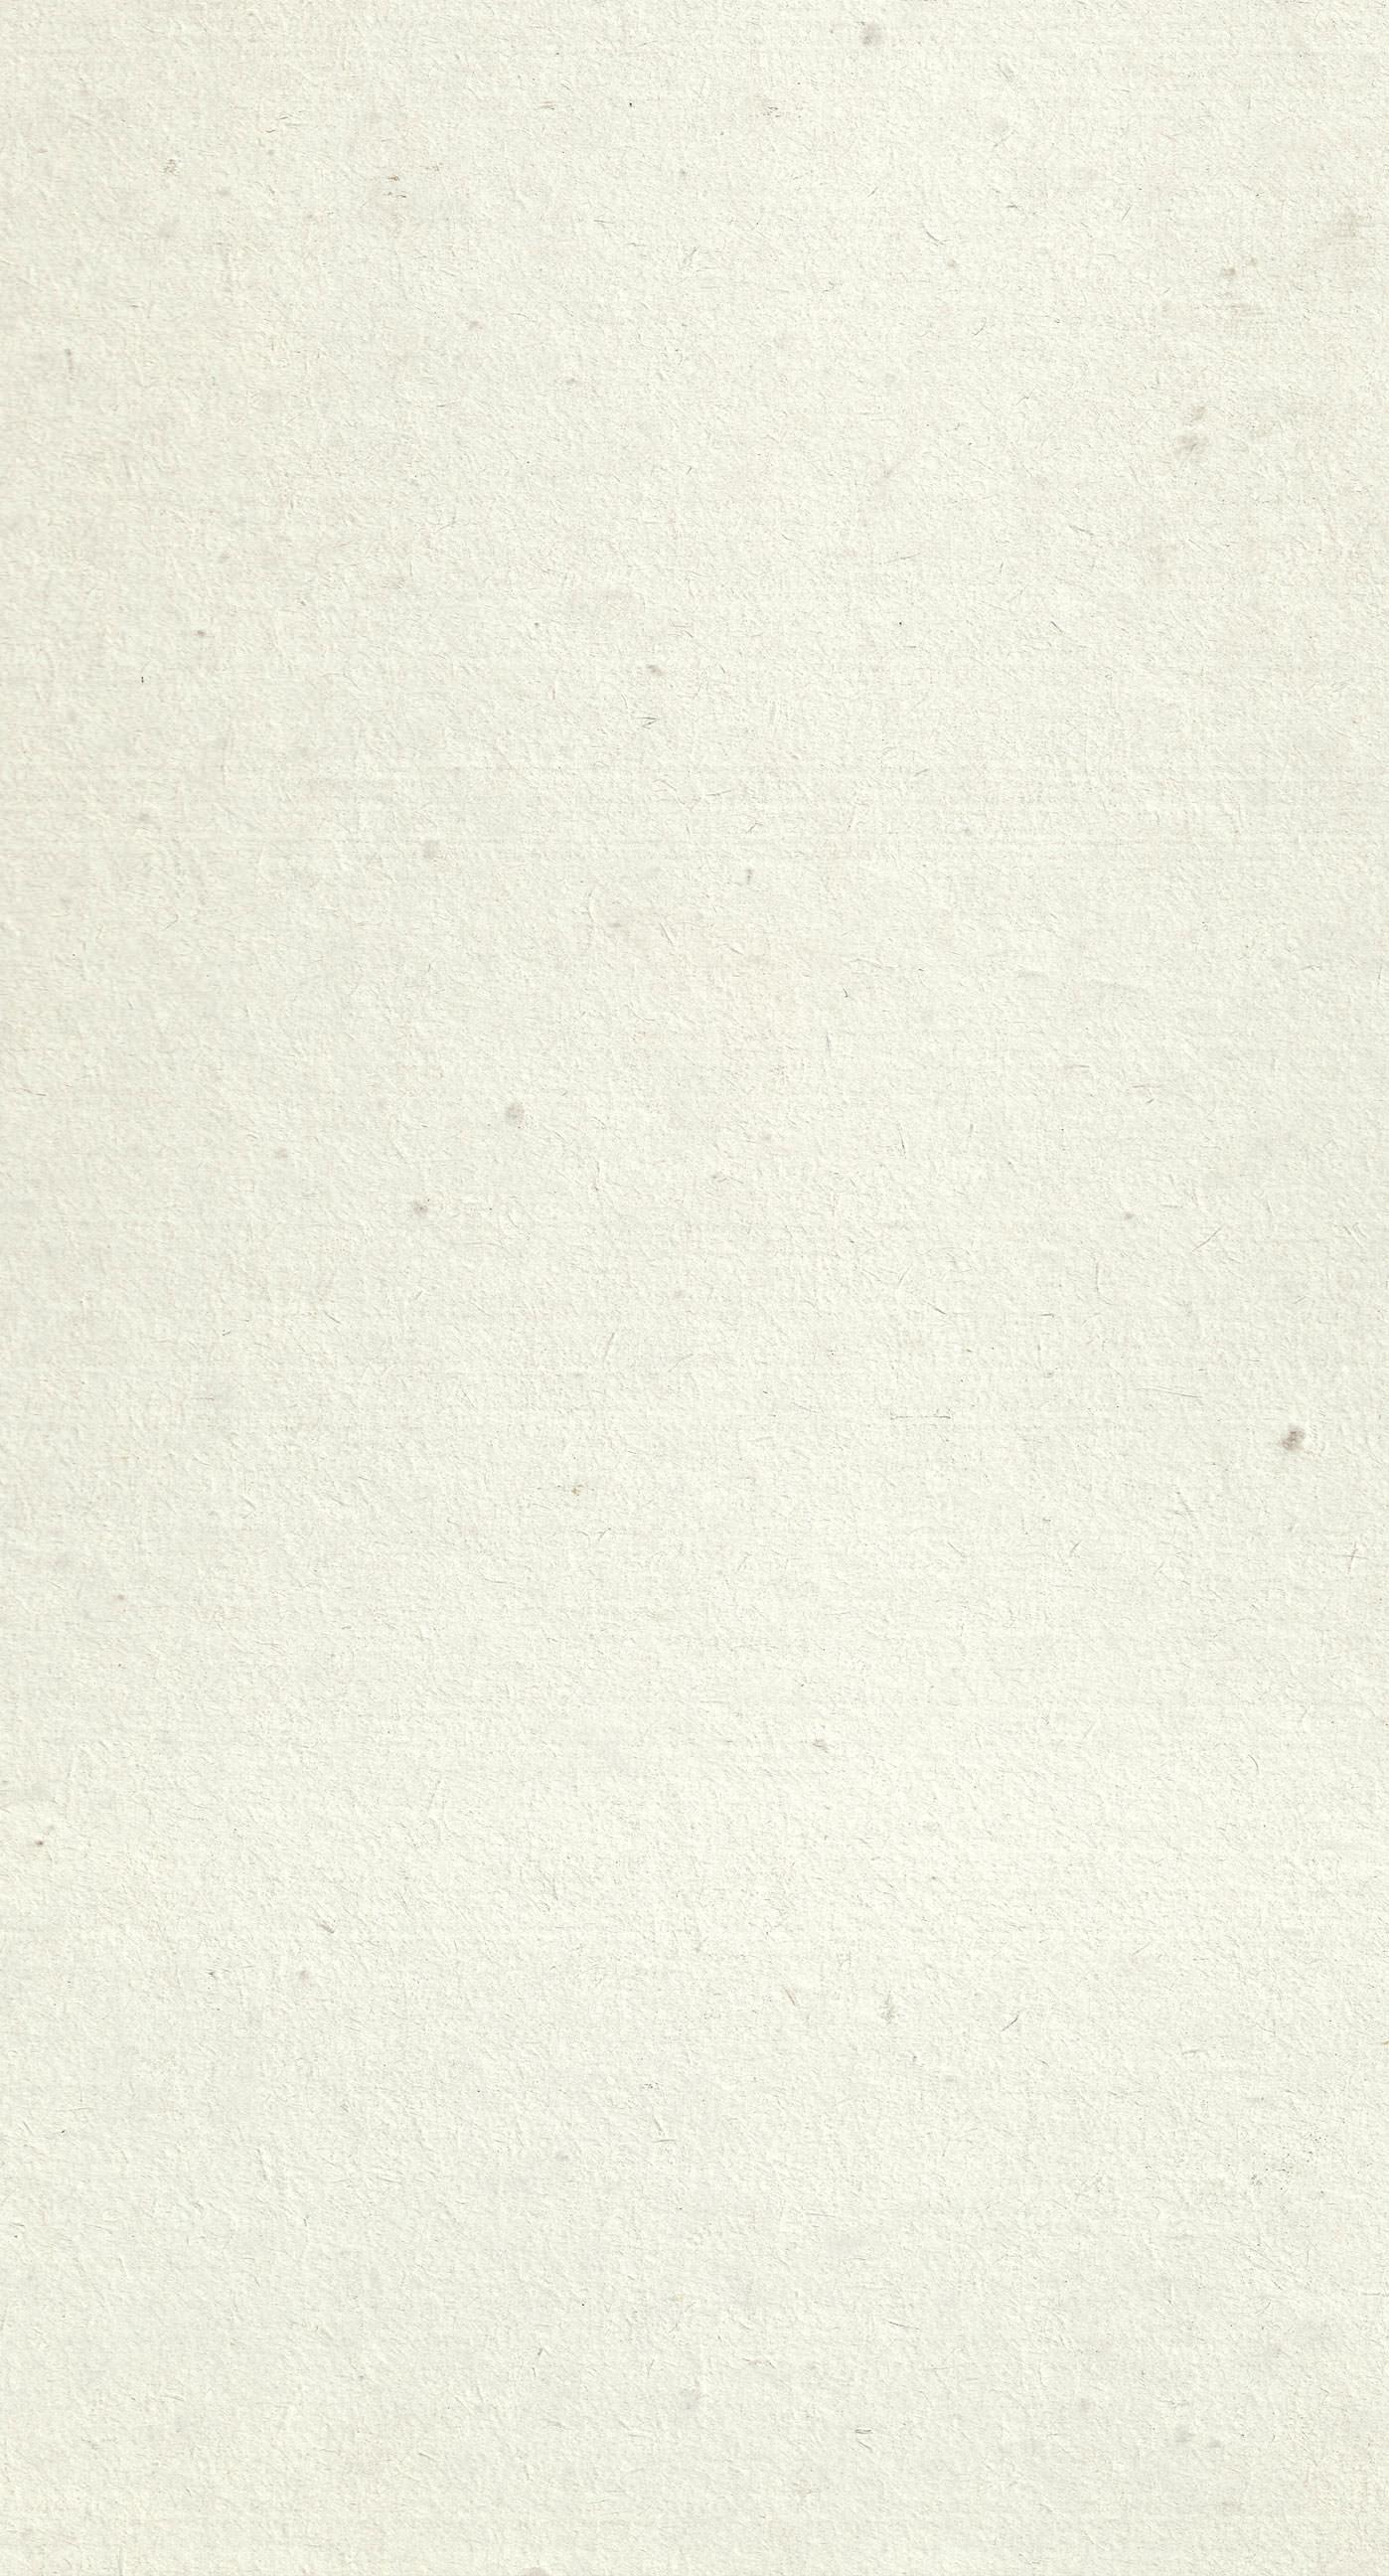 古紙白ベージュ Wallpaper Sc Iphone6splus壁紙